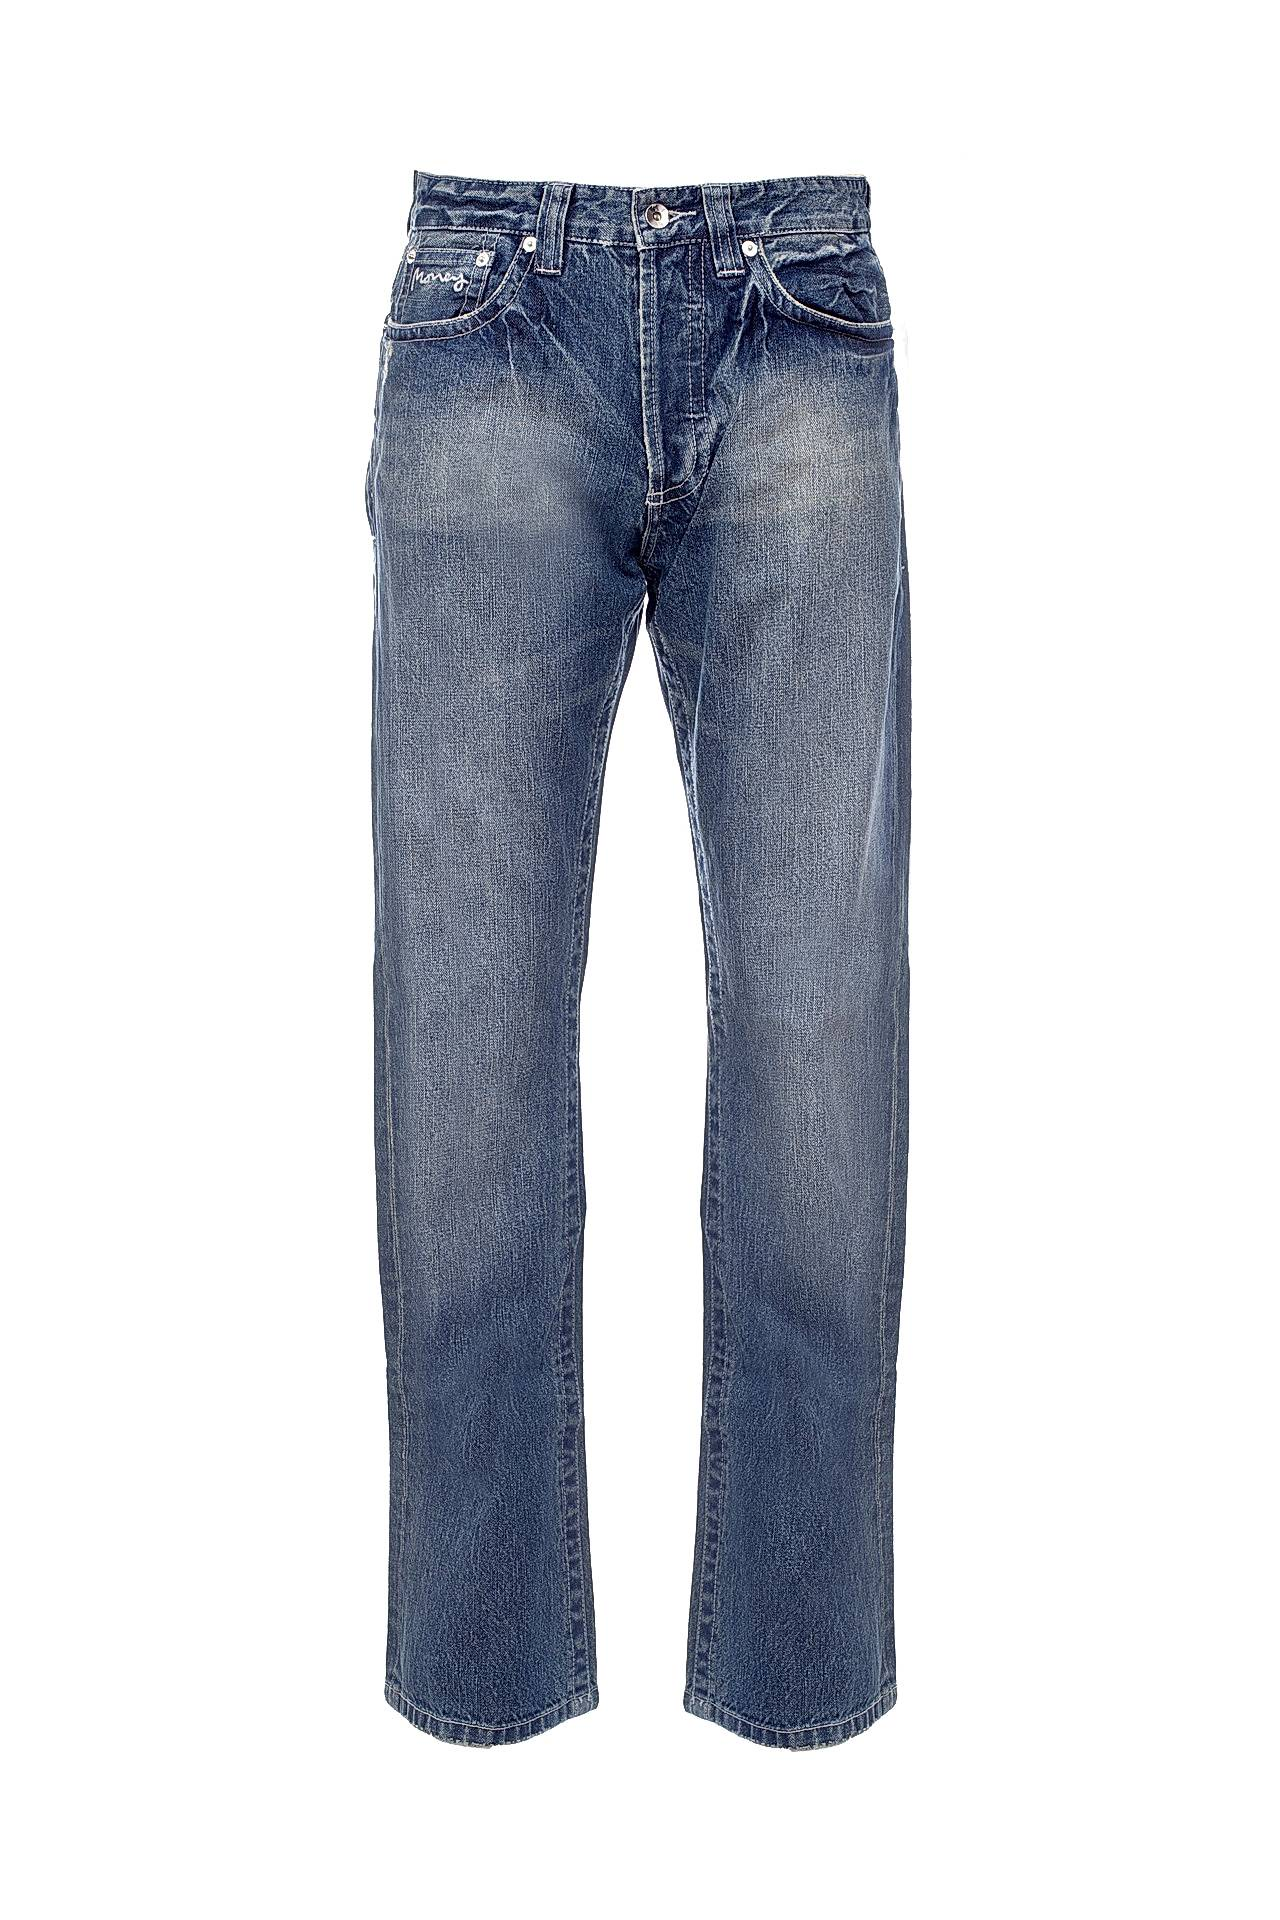 Джинсы MONEY playboy playboyjeans джинсы мужские slim leisure water wash прямые брюки молодежные корейские мужские брюки pb5114219 19 темные синие 34